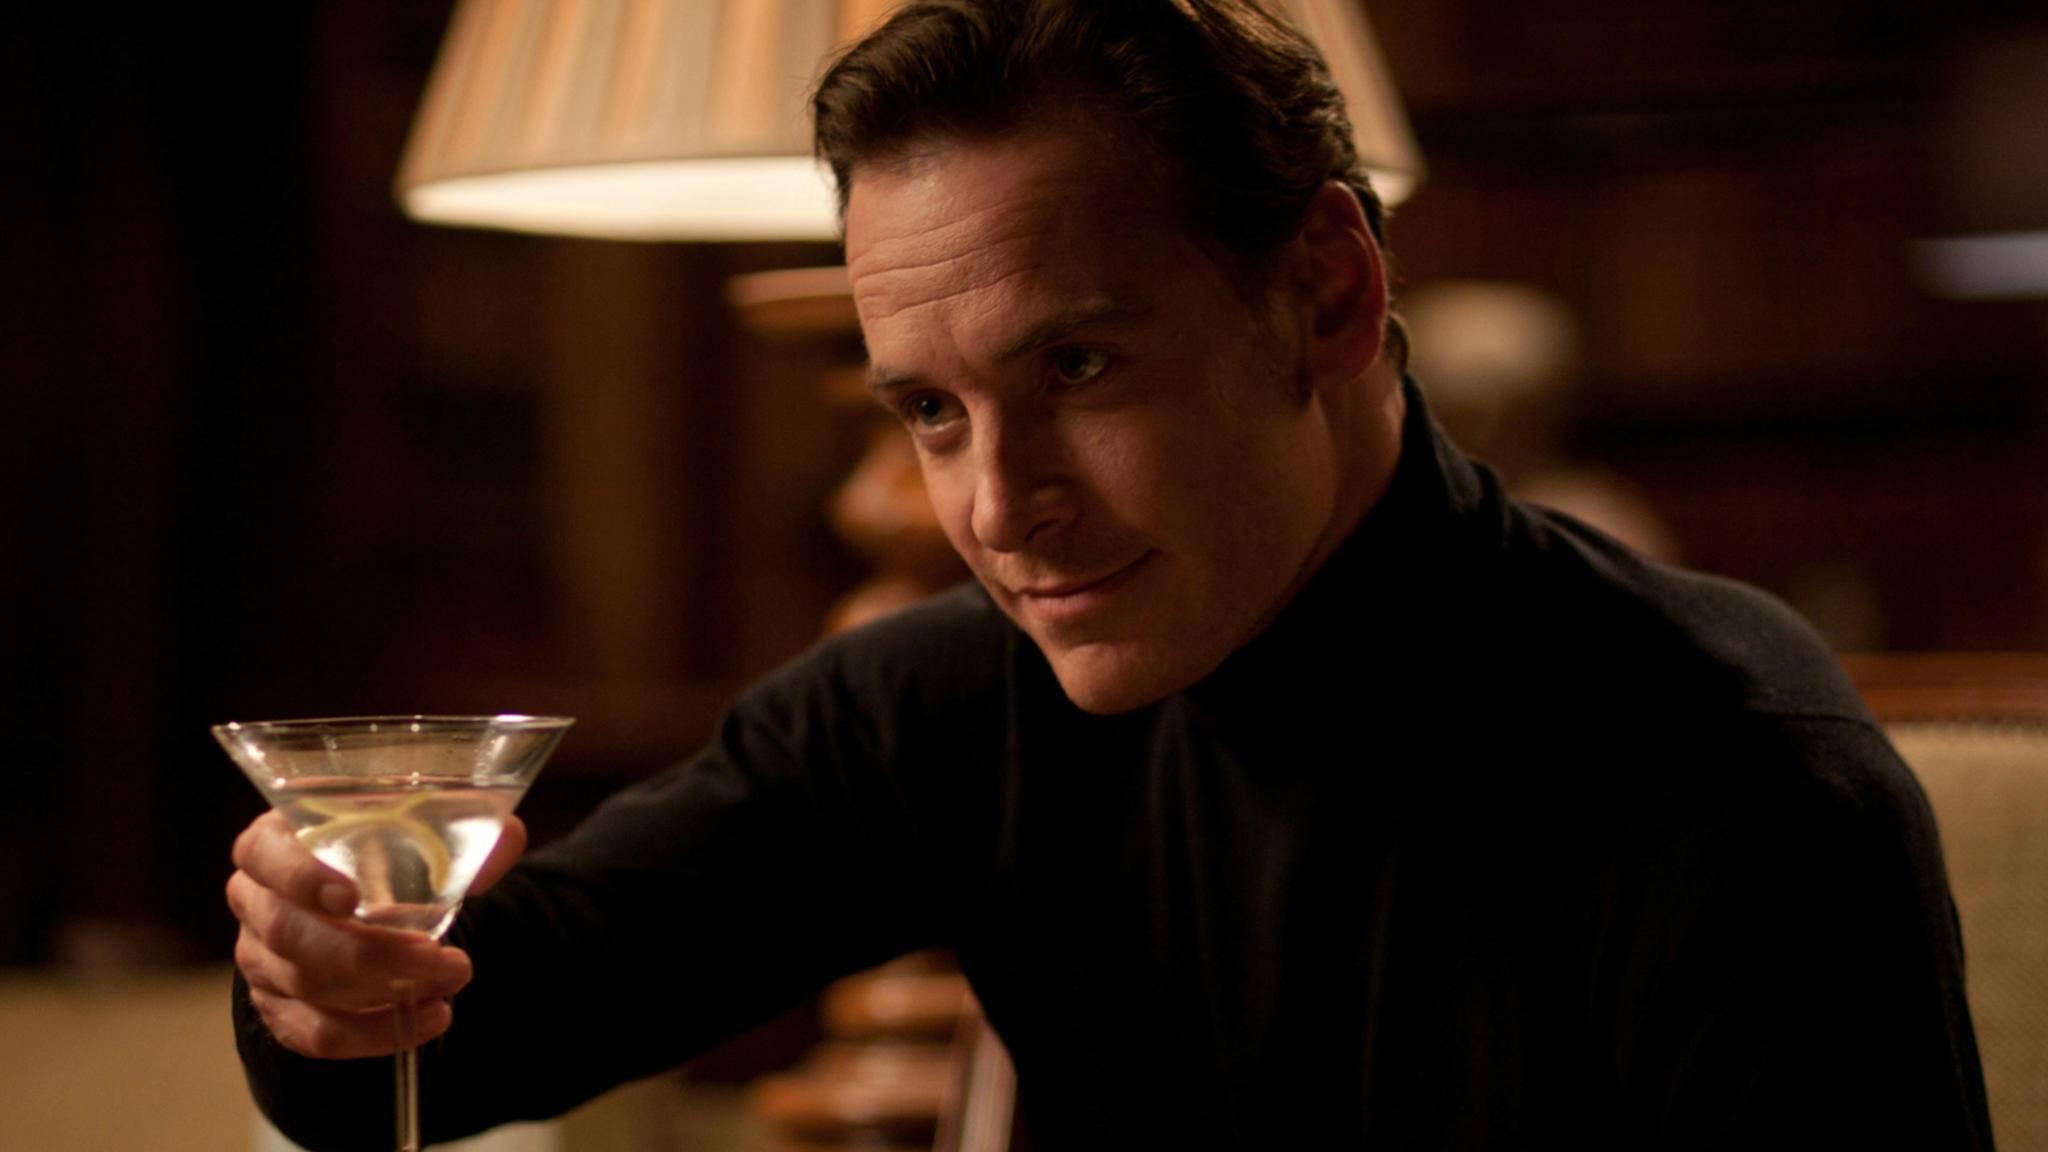 Der Drink stimmt schon mal: Michael Fassbender hätte alle Qualitäten für einen zukünftigen James Bond.